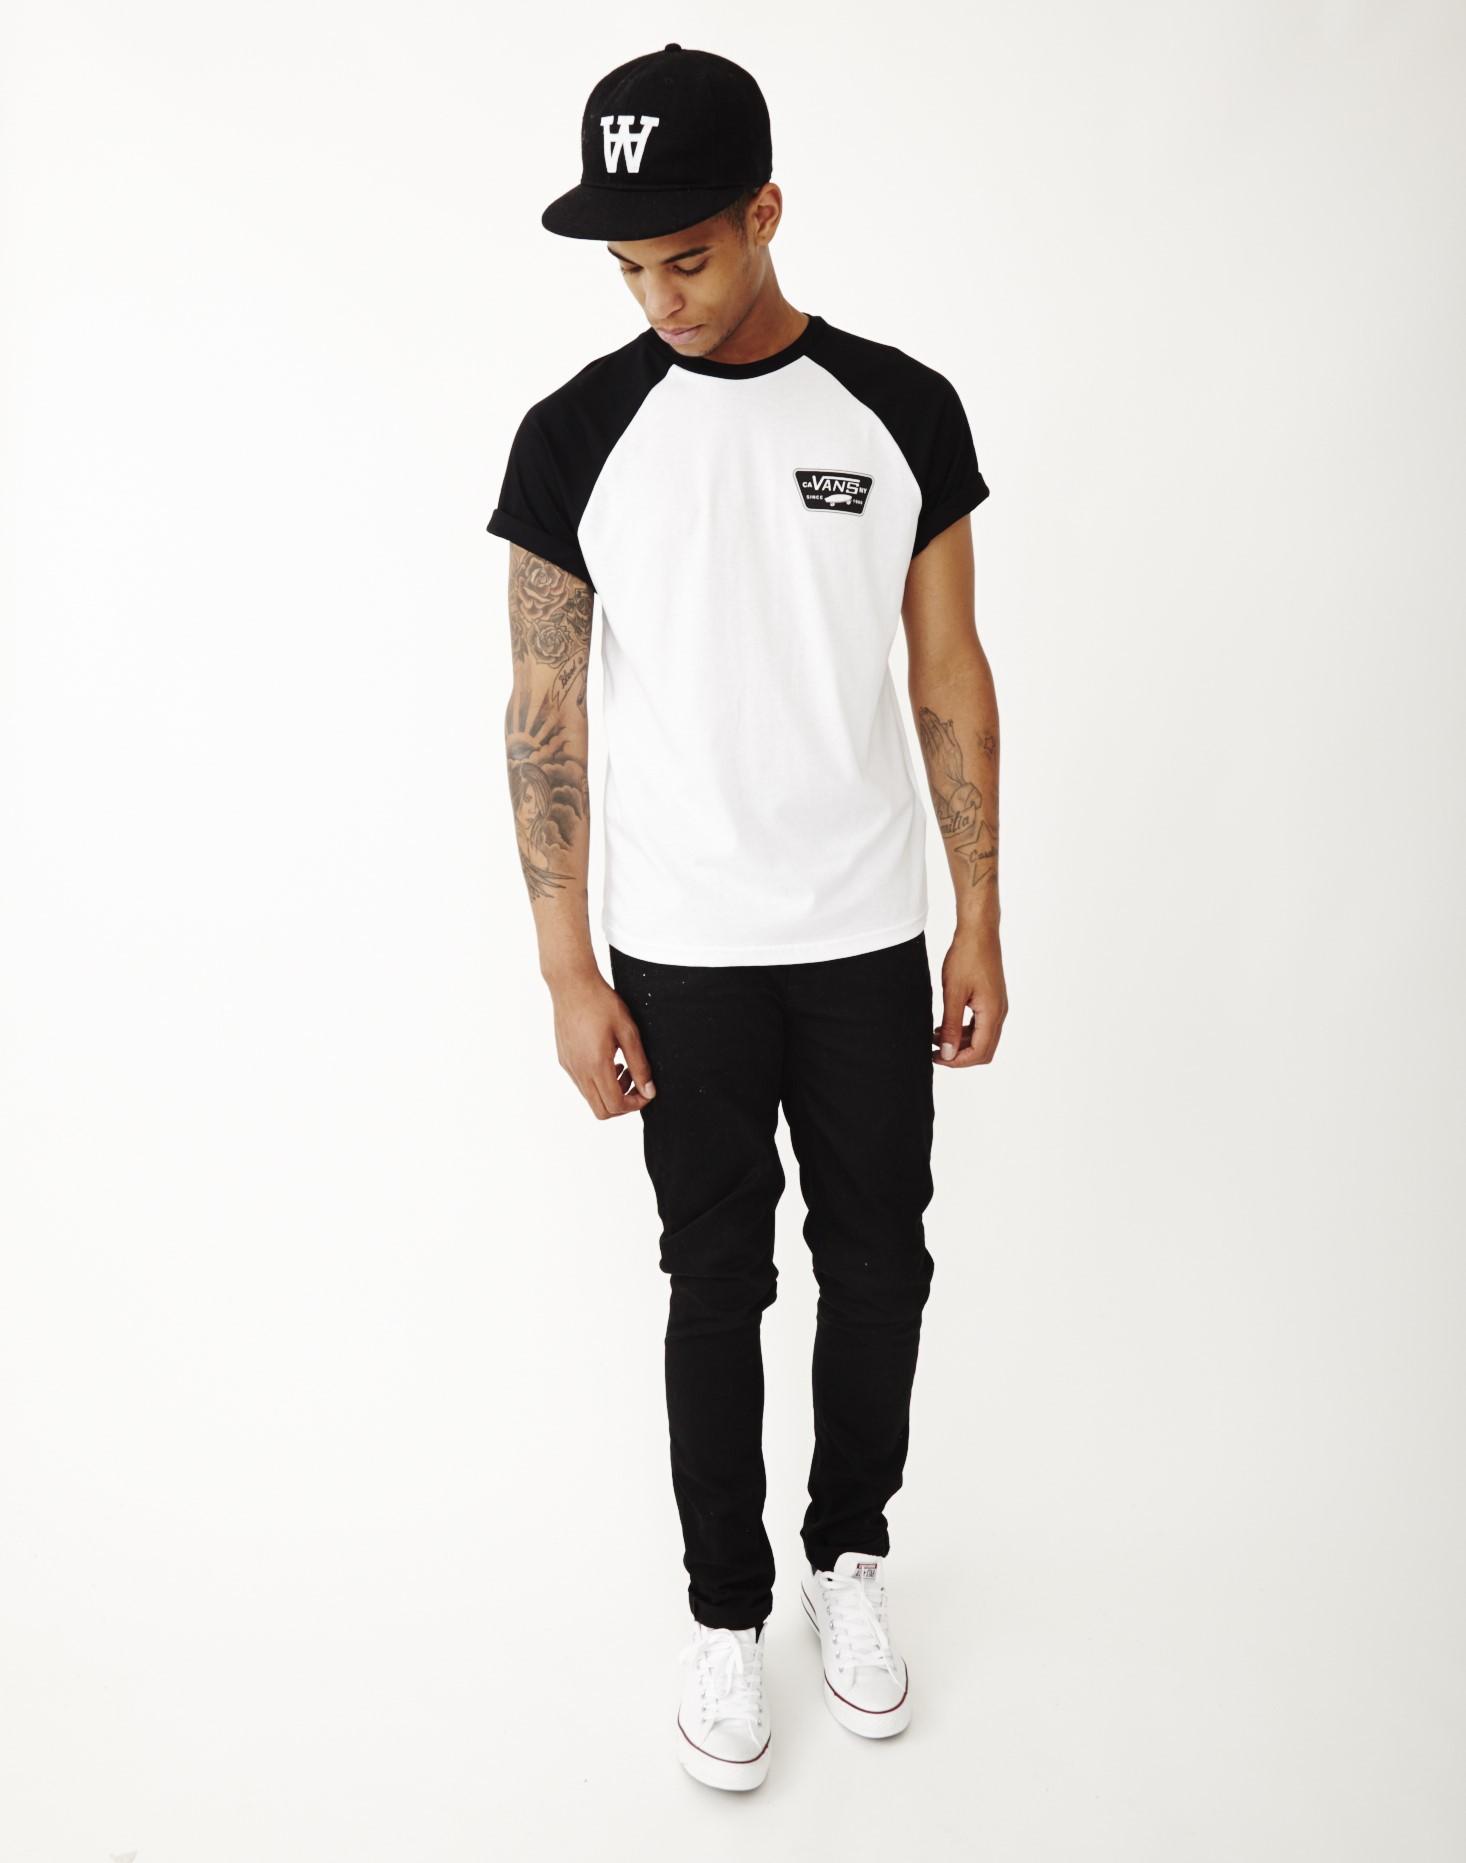 e8c8c03c20 Vans Full Patch Short Sleeve Raglan T-shirt White in White for Men ...